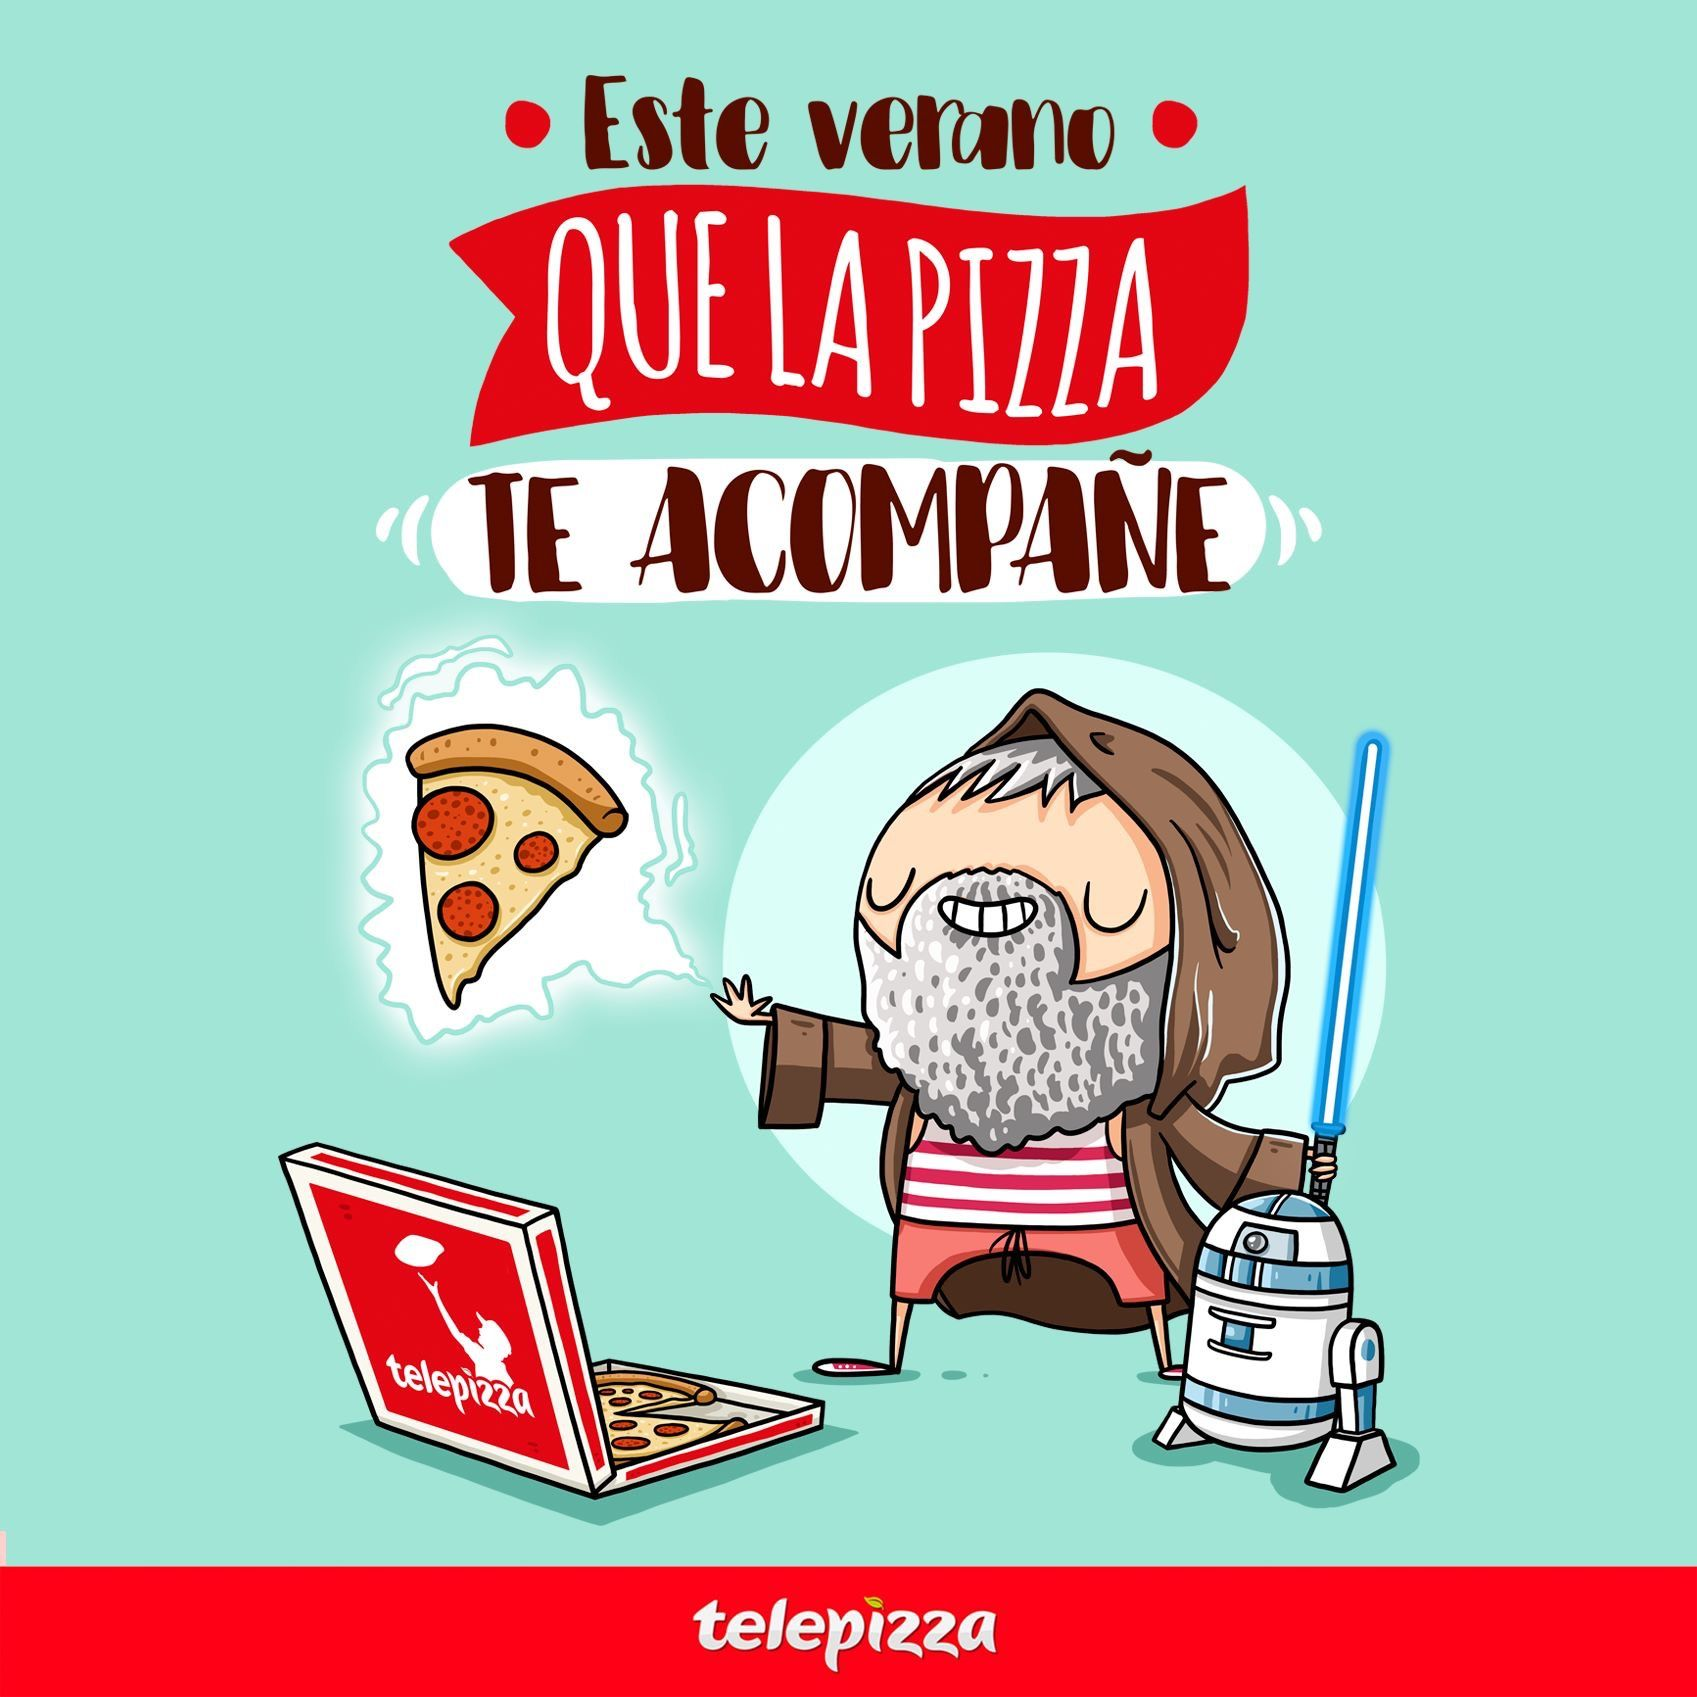 Este Verano Que La Pizza Te Acompañe Telepizza Pizza